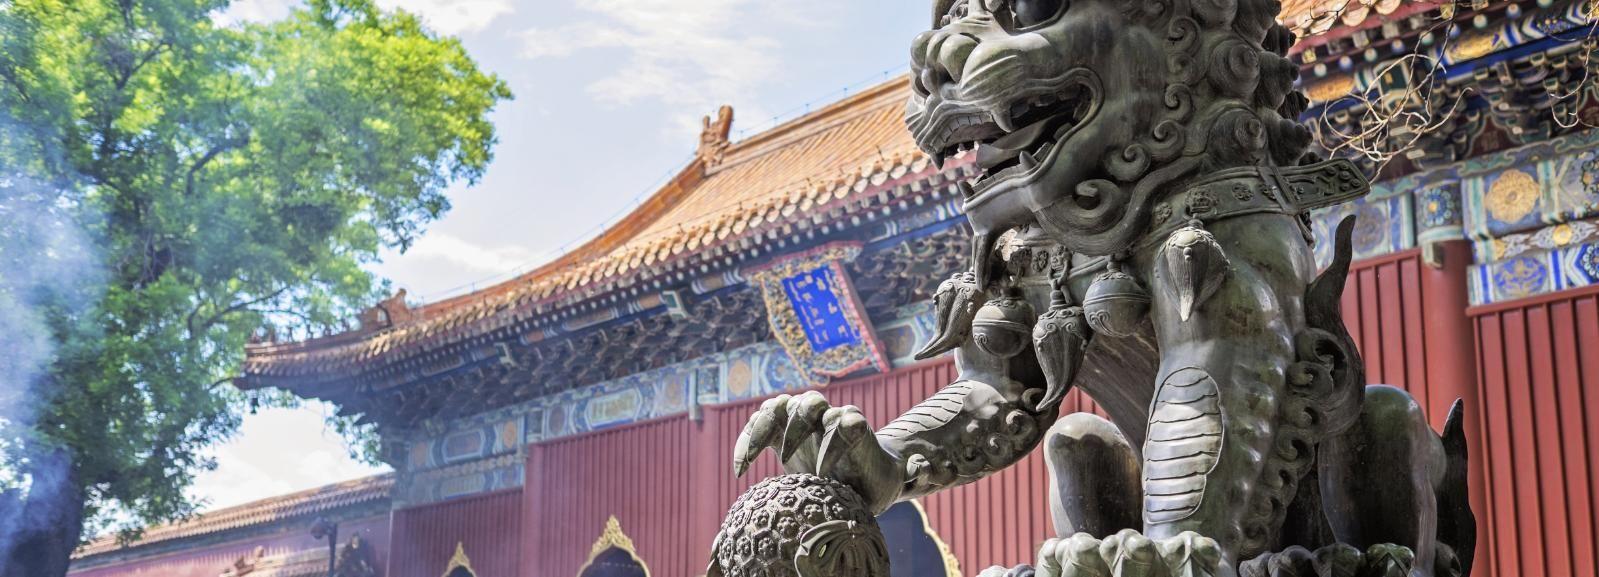 Pechino: Yonghe Gong, Olympic Green, zoo e tour degli hutong